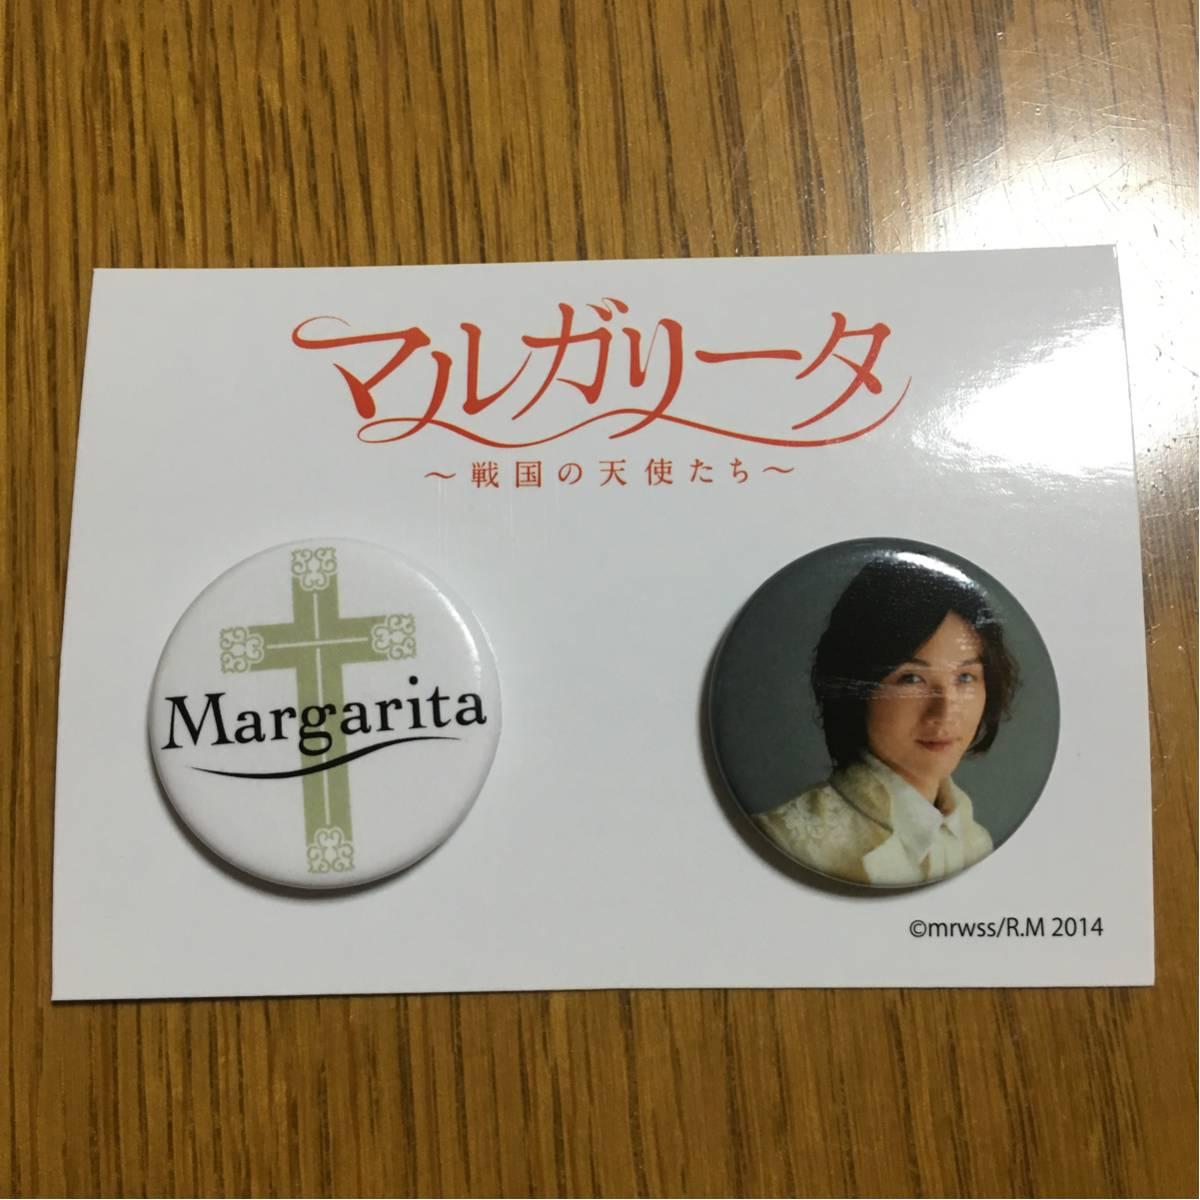 マルガリータ 戦国の天使たち 細貝圭 缶バッジ